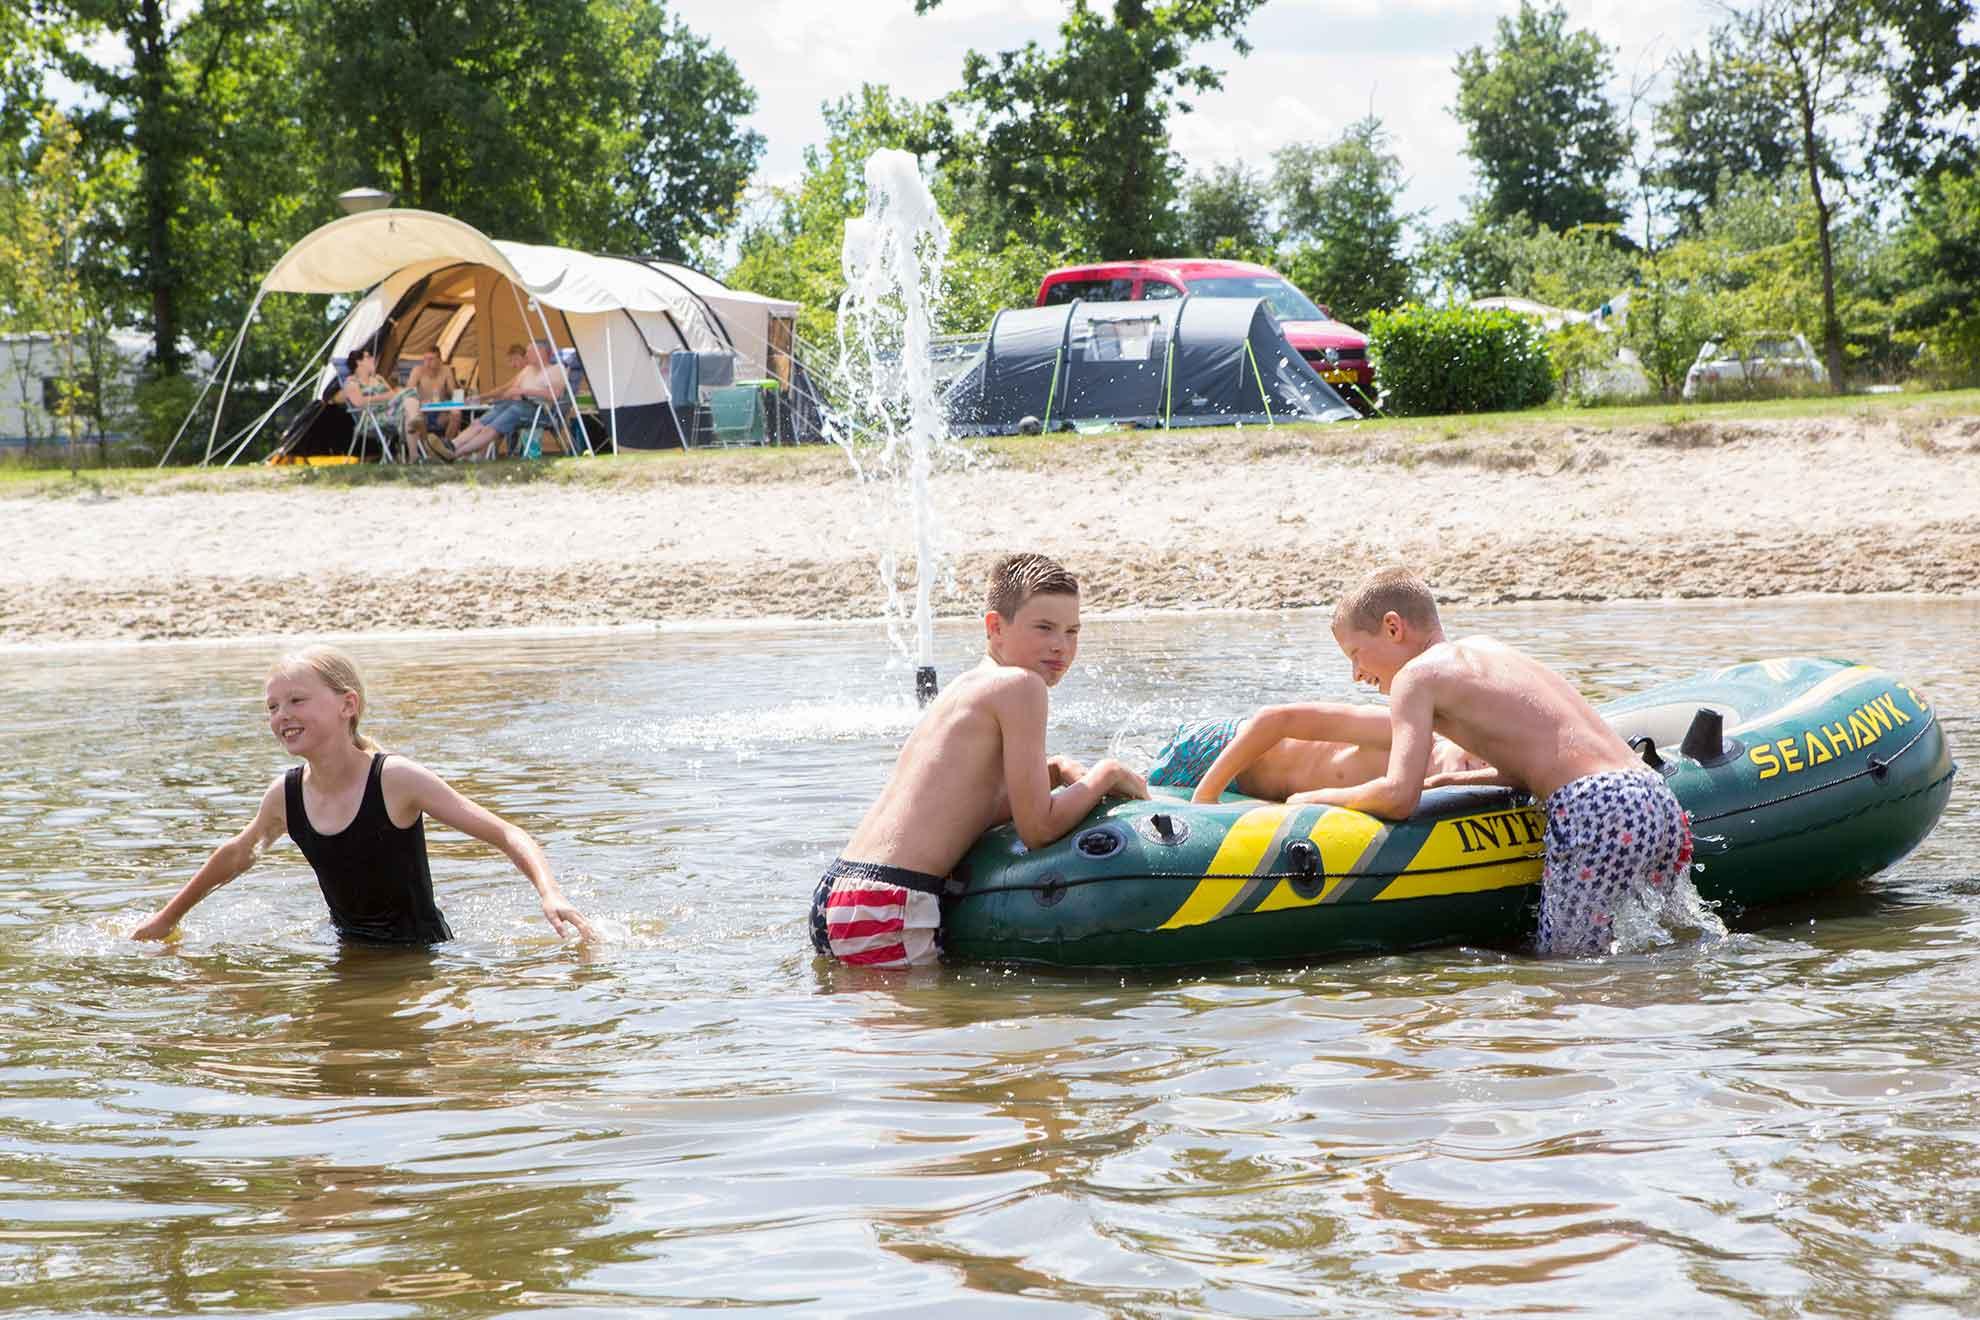 Himmelfahrt-Arrangement auf Fünf-Sterne-Campingplatz - Himmelfahrt-Arrangement am Wasser